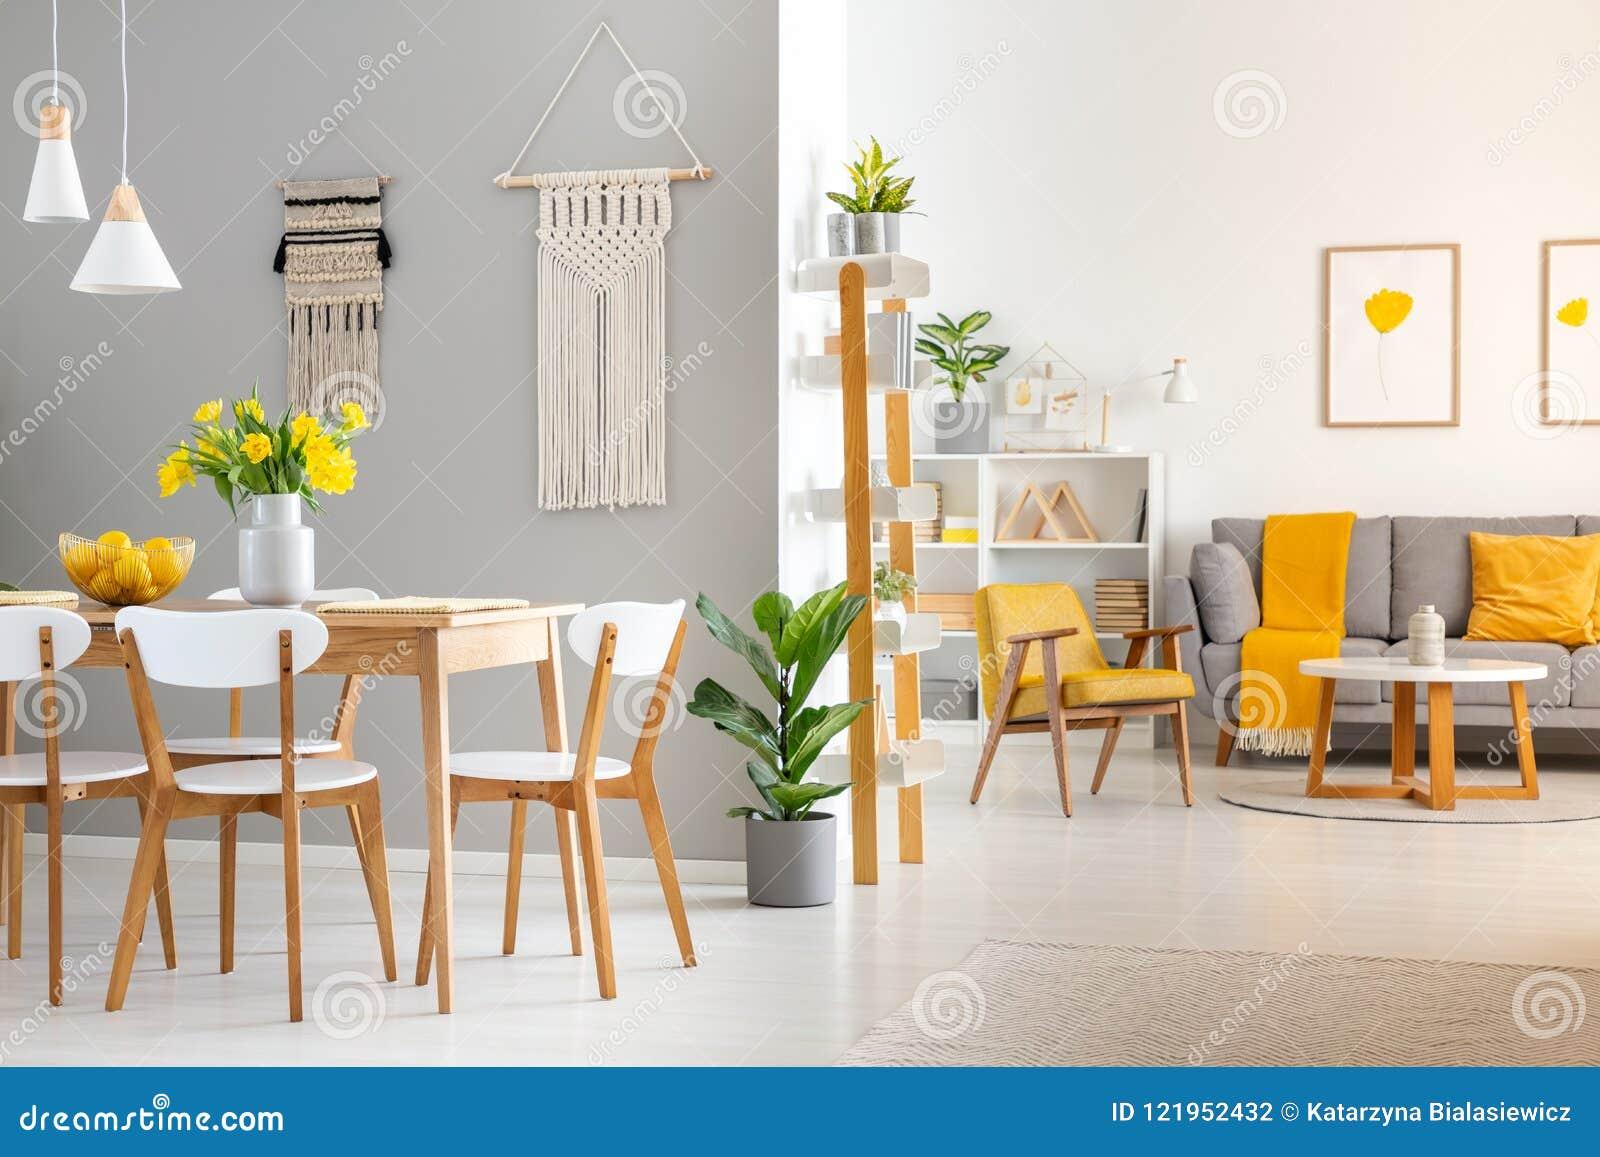 Sedie Bianche E Legno : Sedie di legno bianche al tavolo da pranzo in interio luminoso